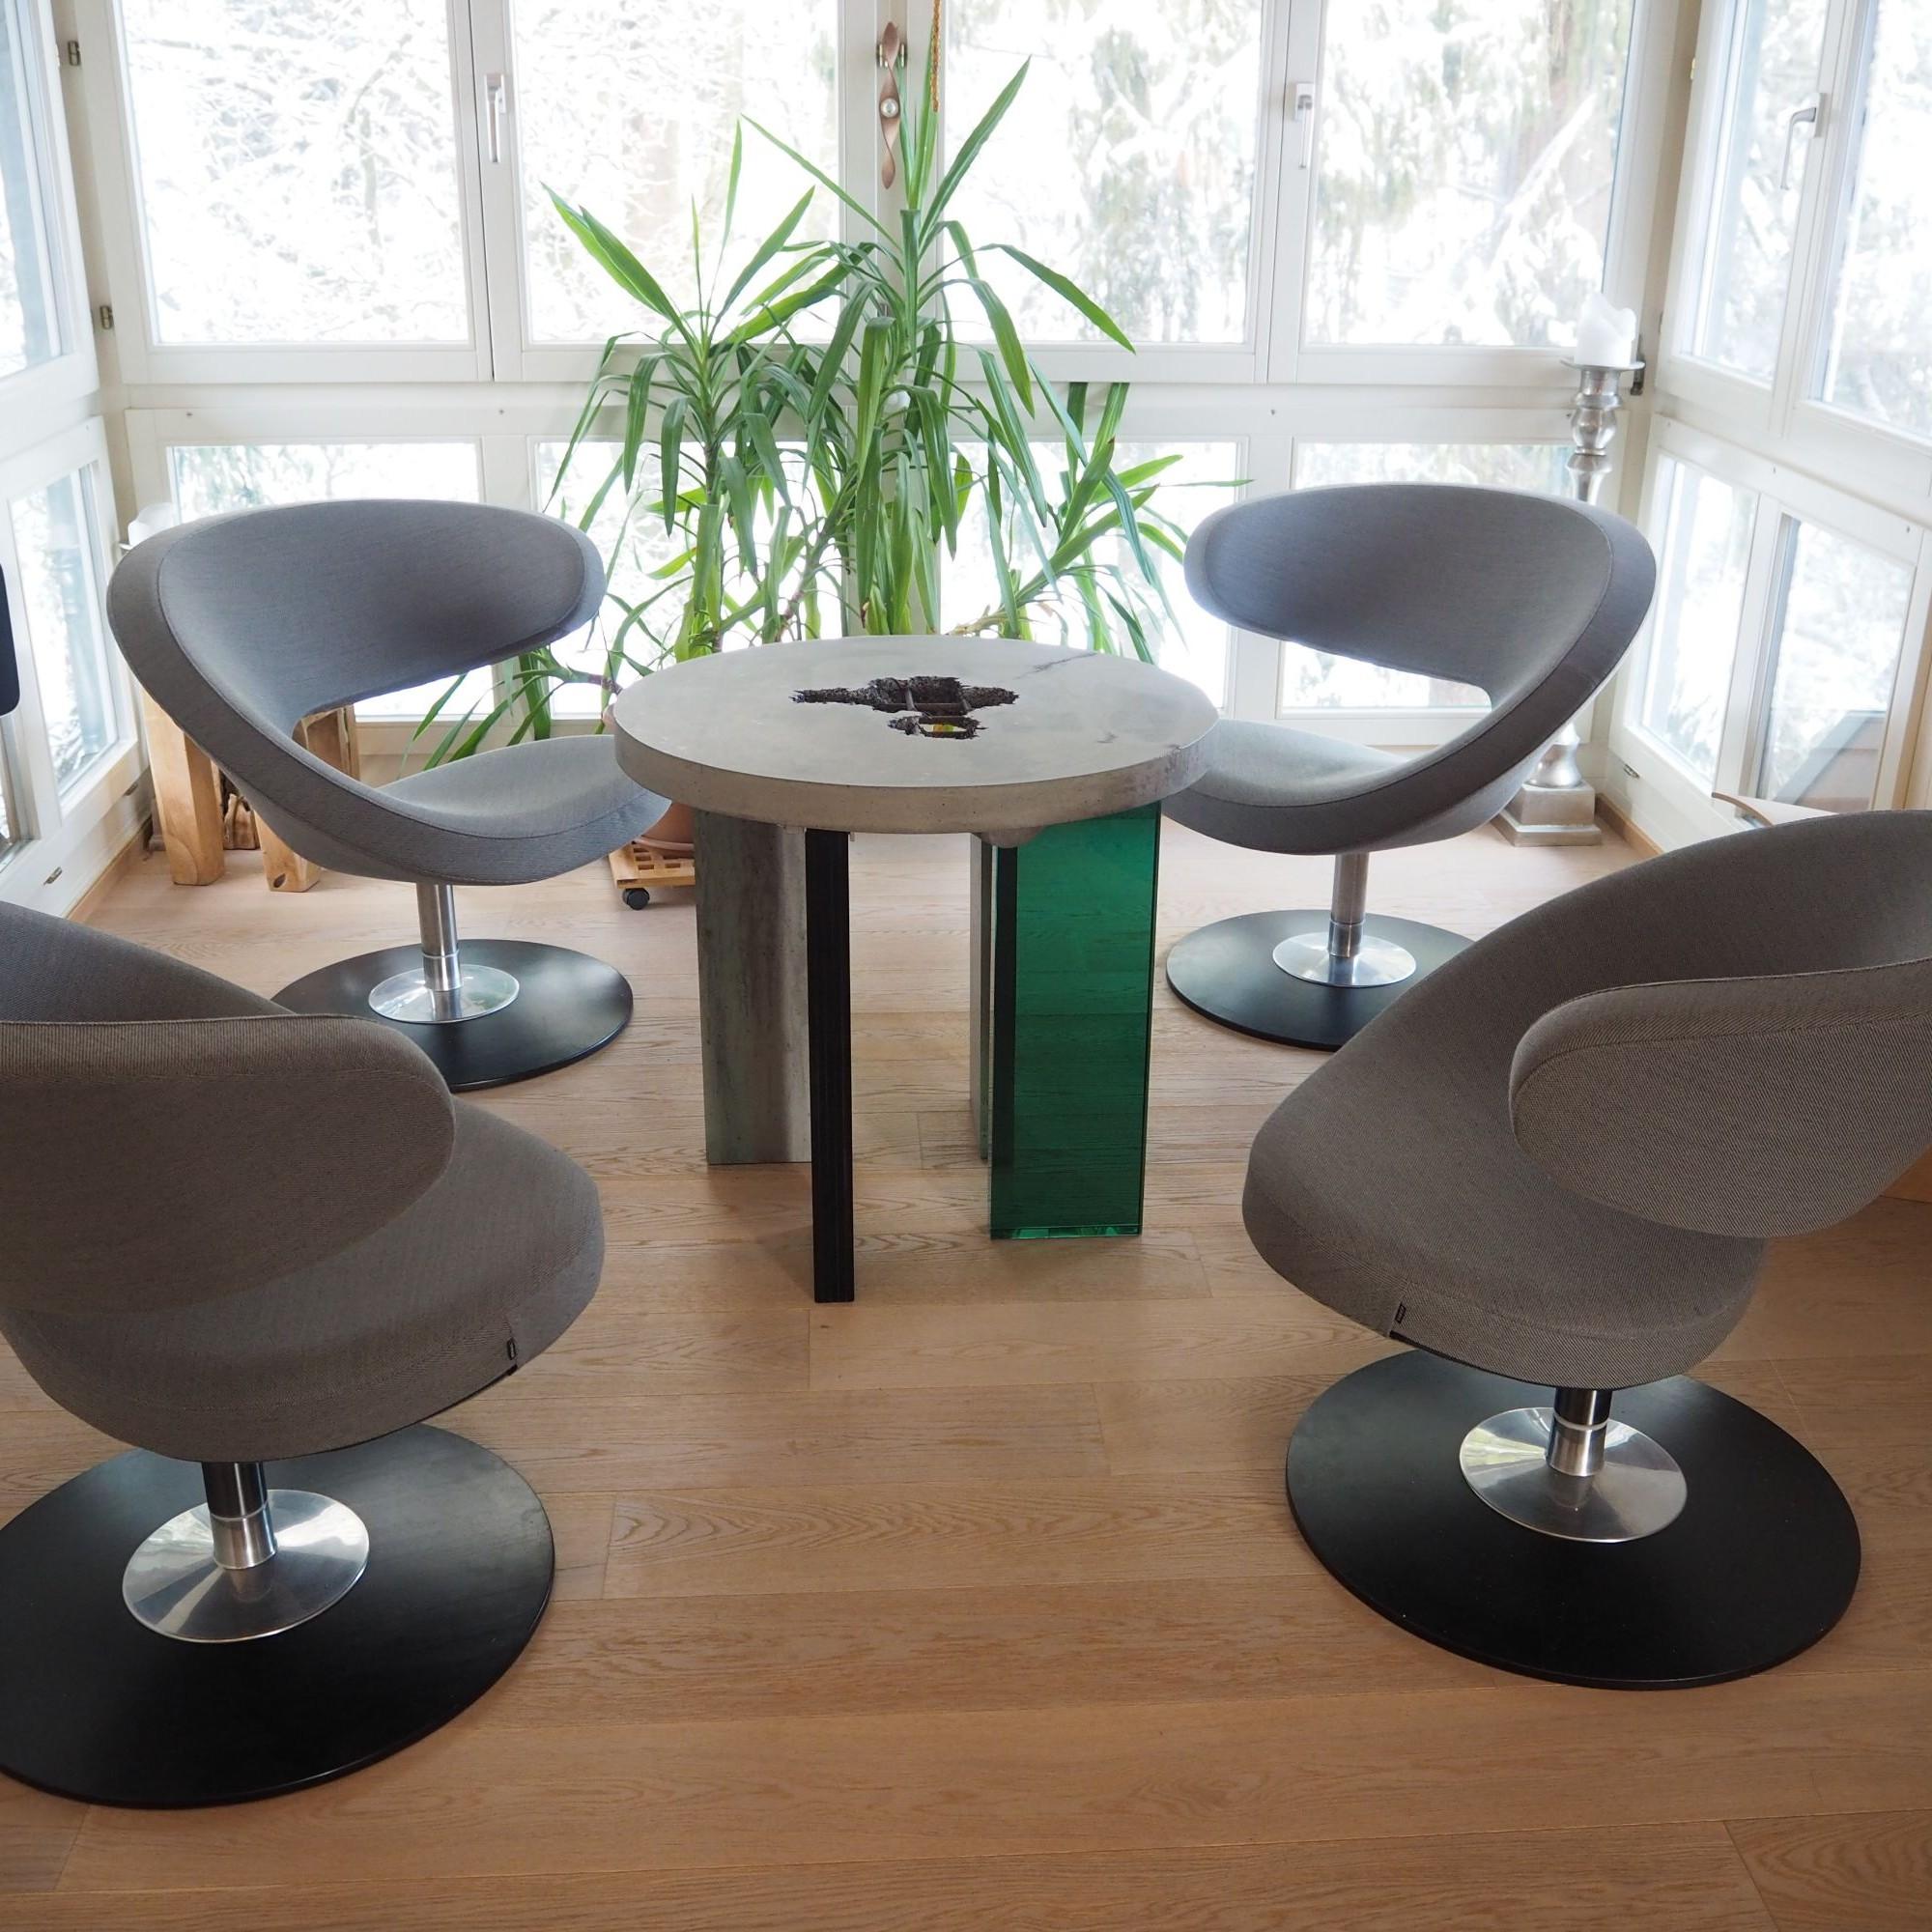 Sitzungstisch mit Glasbeinen